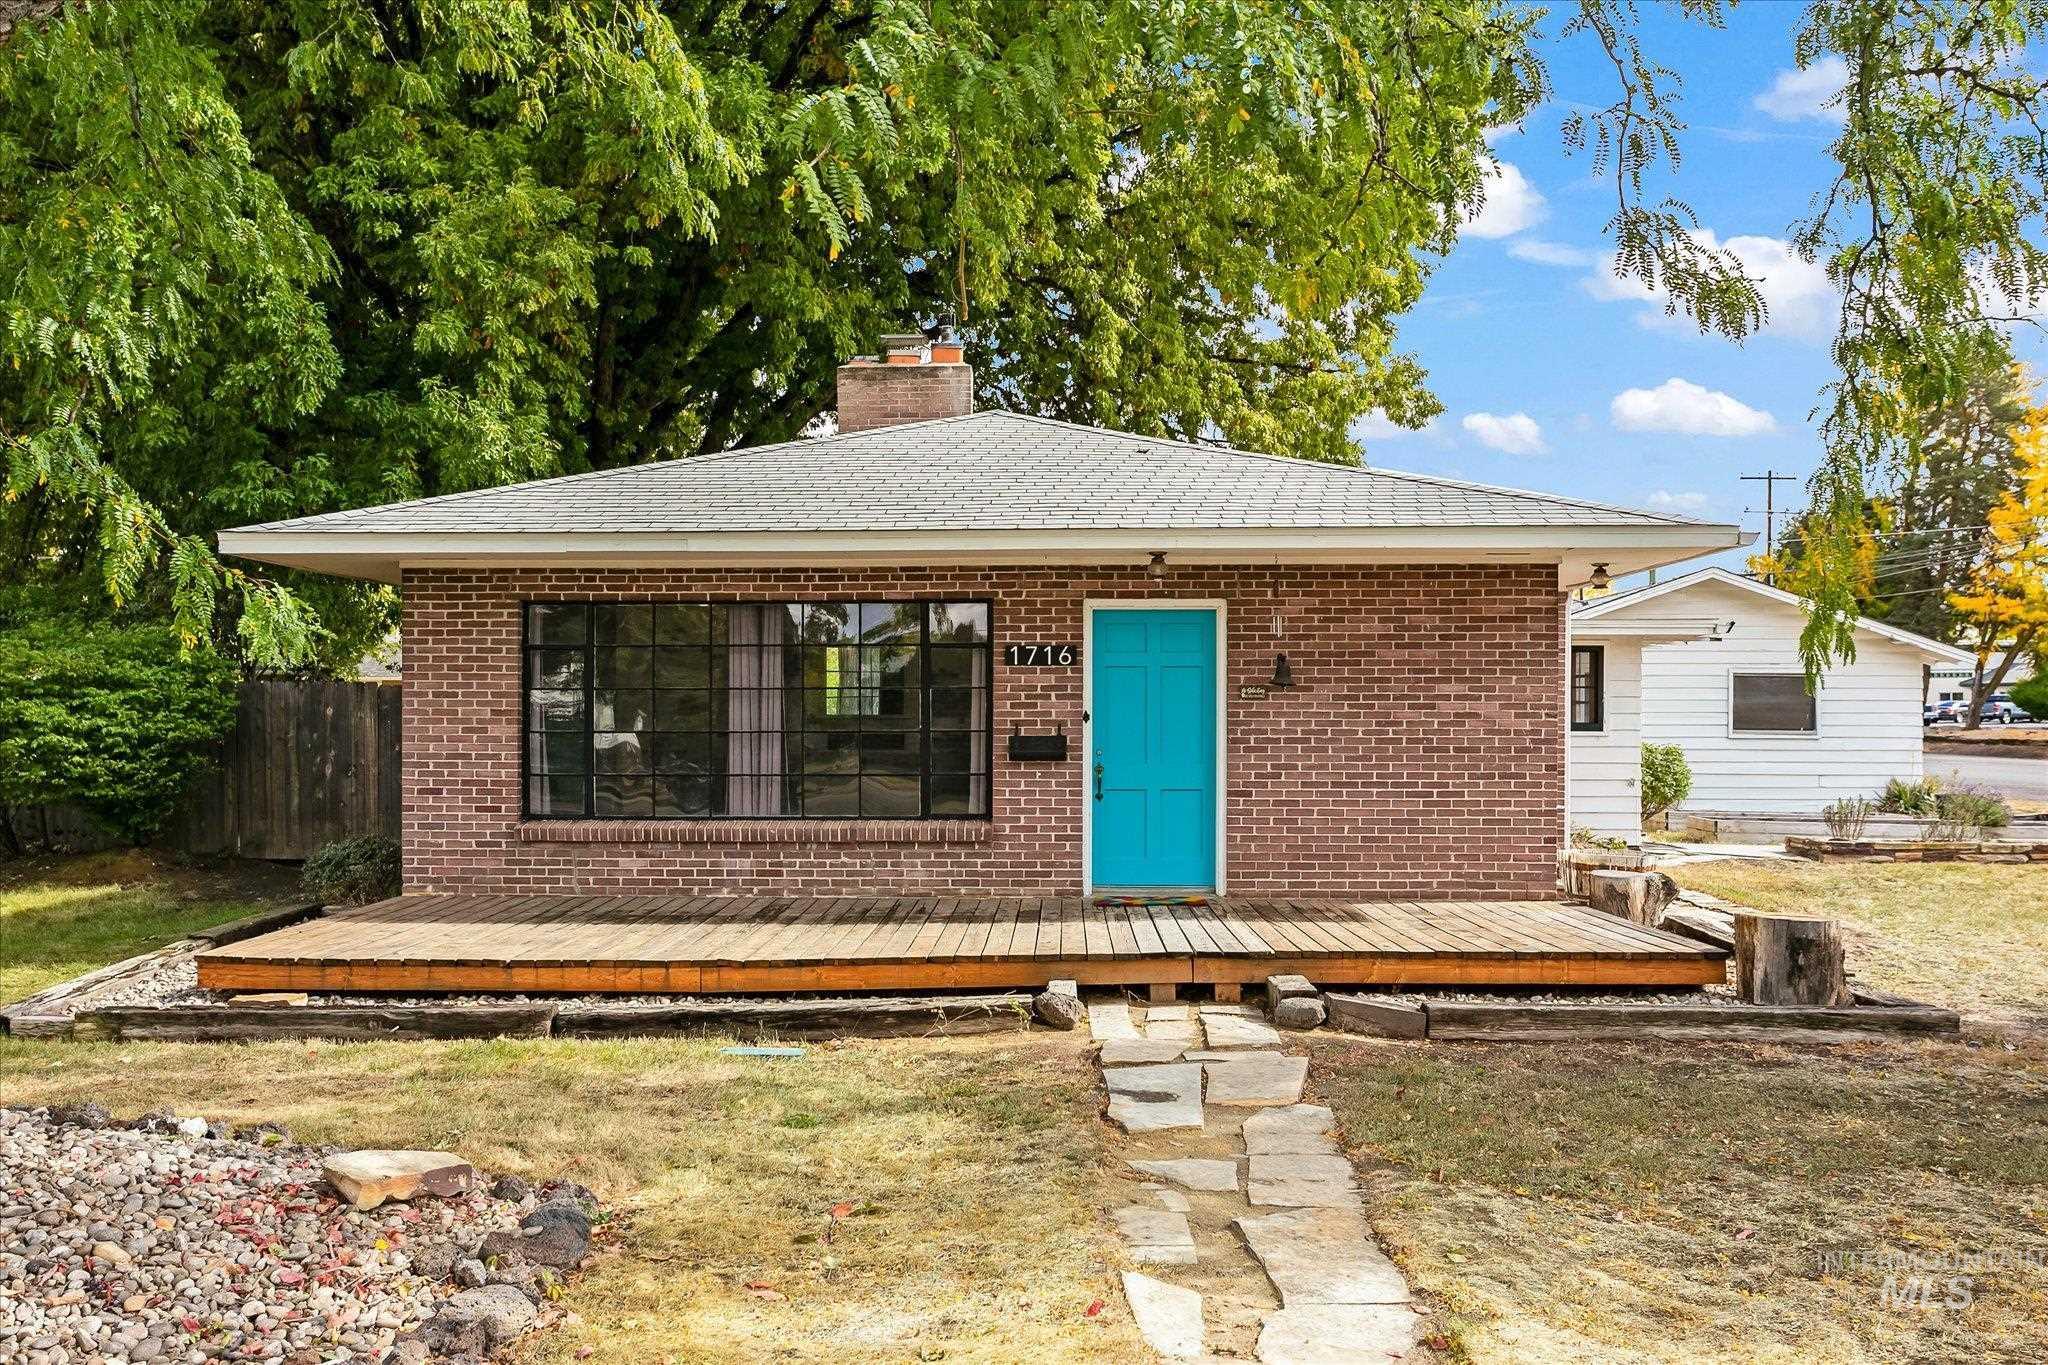 Cruzen Mtn View Real Estate Listings Main Image